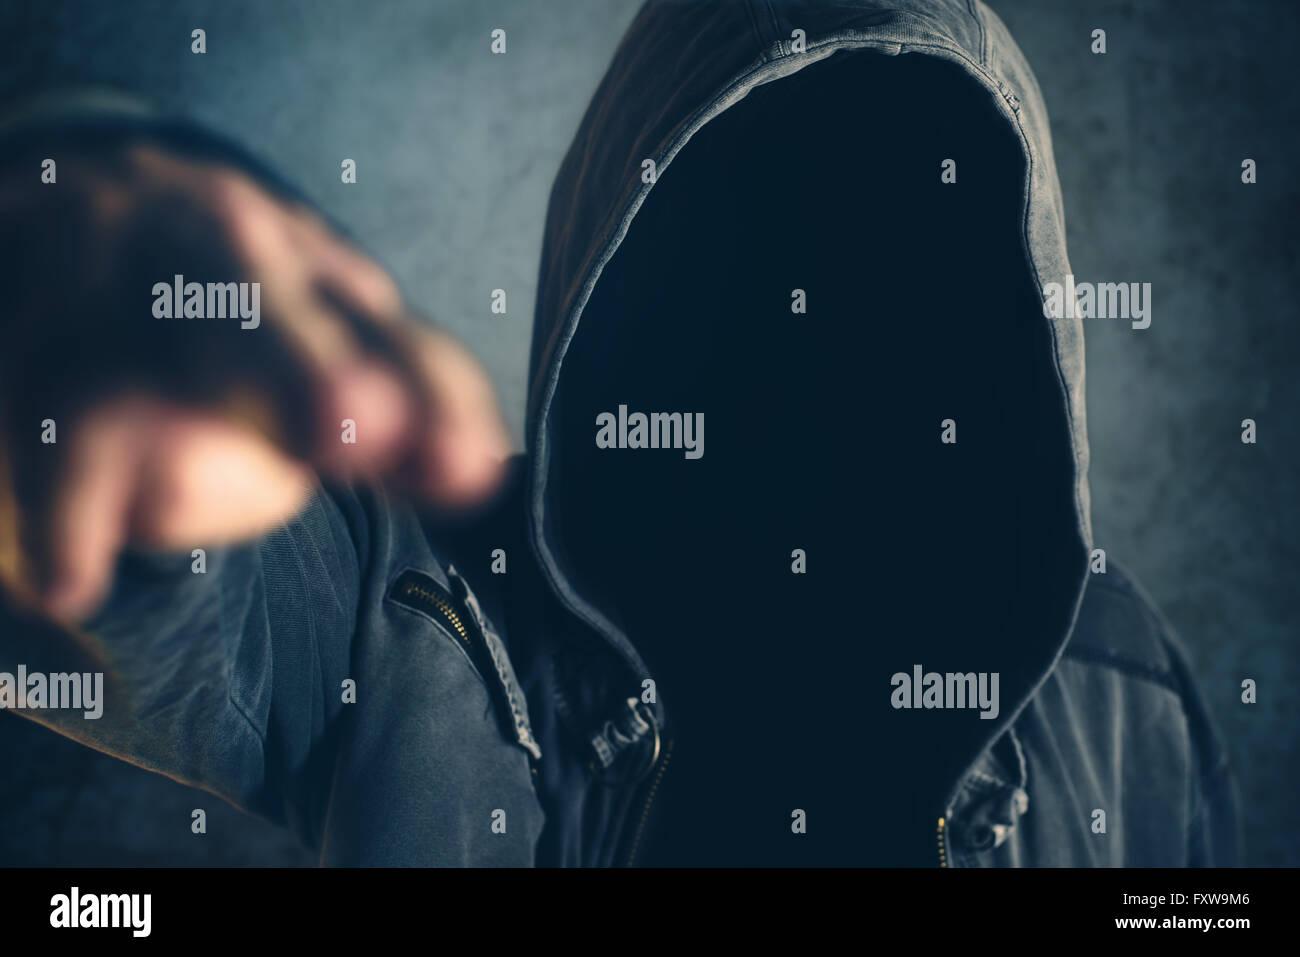 Mit Kapuze kriminellen gestikulieren Gewehrschießen mit Fingern, gruselige Gangster Person zeigenden Finger Stockbild